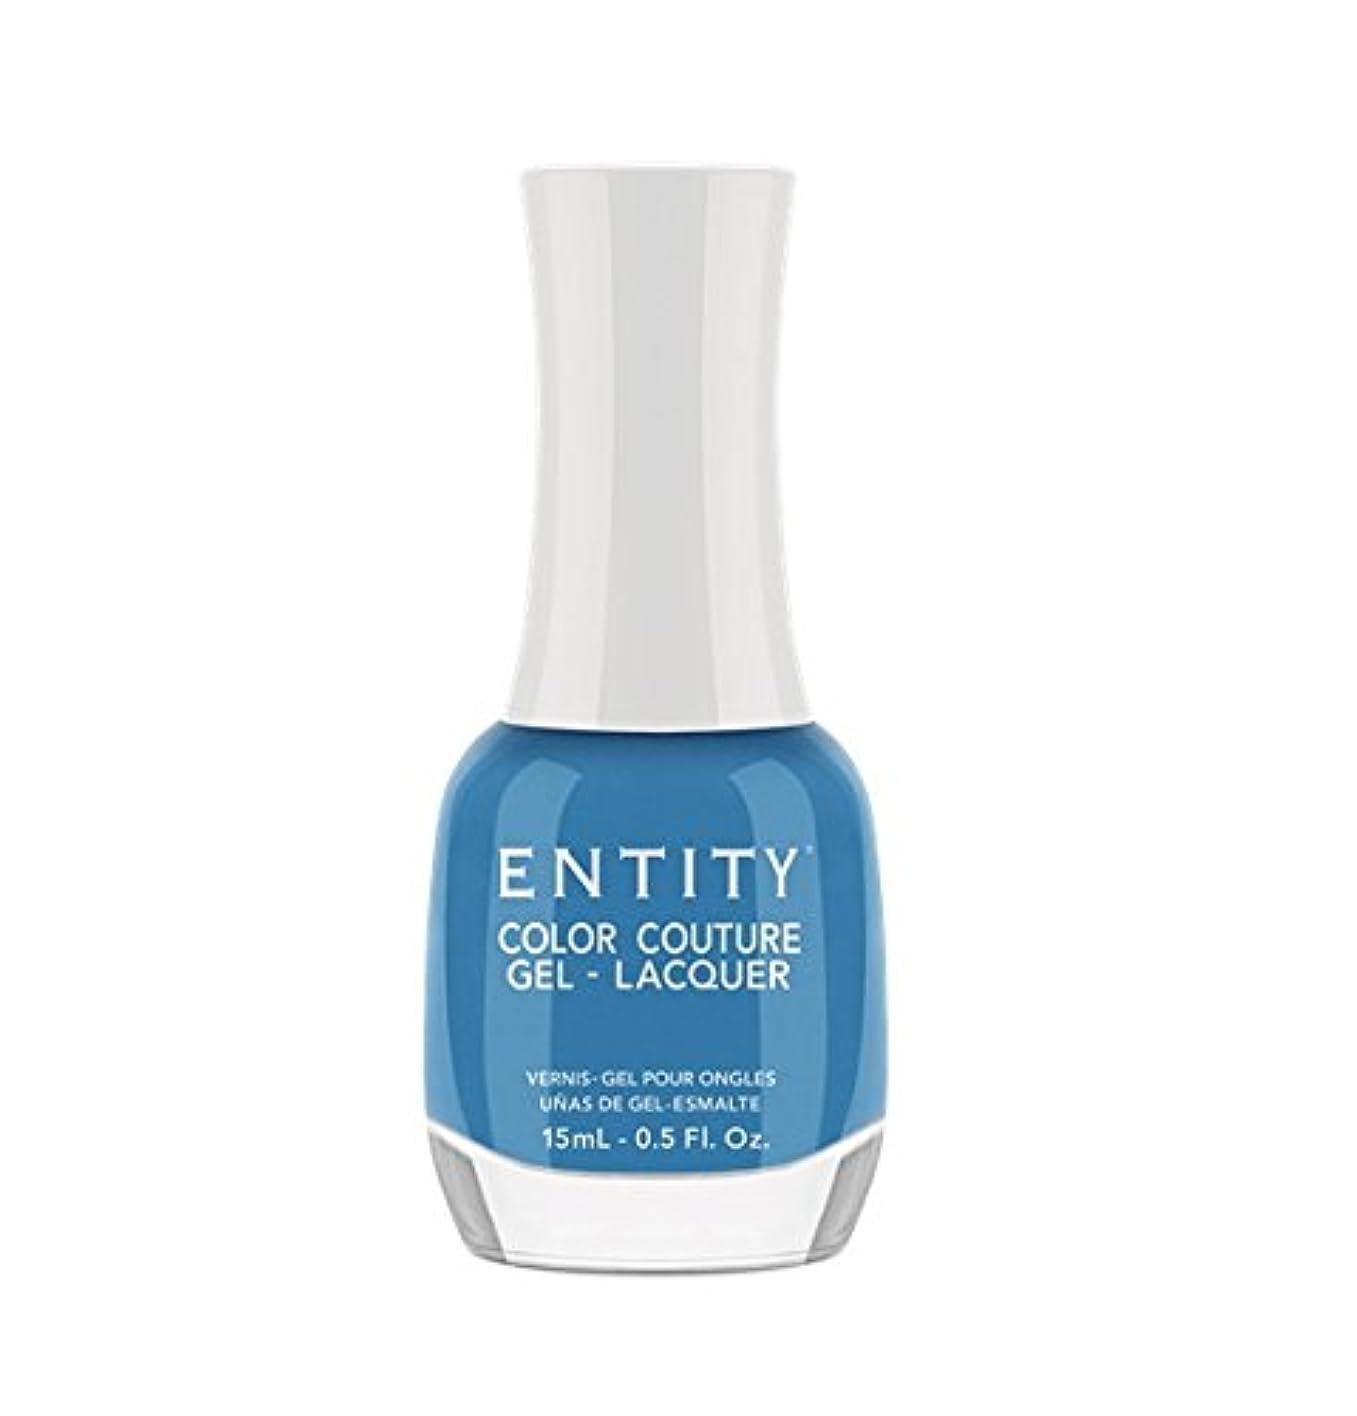 ケージ戸惑うスピーチEntity Color Couture Gel-Lacquer - Flaunt Your Fashion - 15 ml/0.5 oz